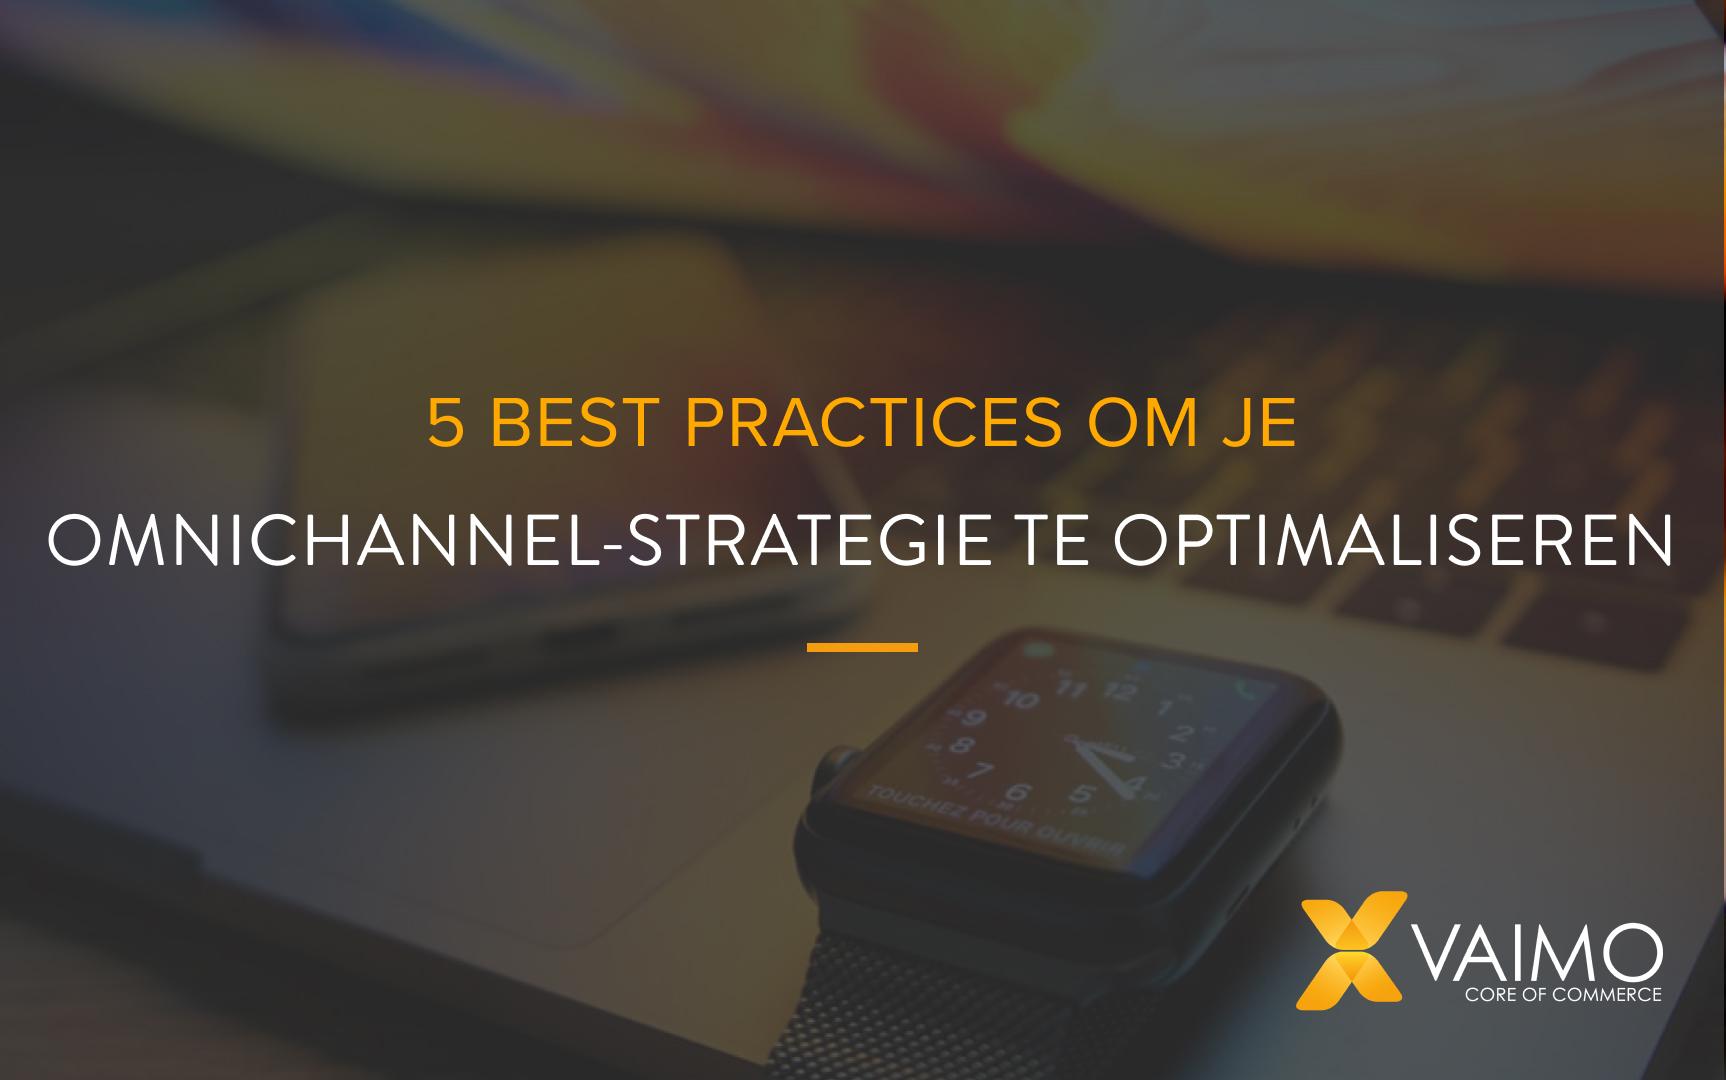 5 best practices om je omnichannel-strategie te optimaliseren